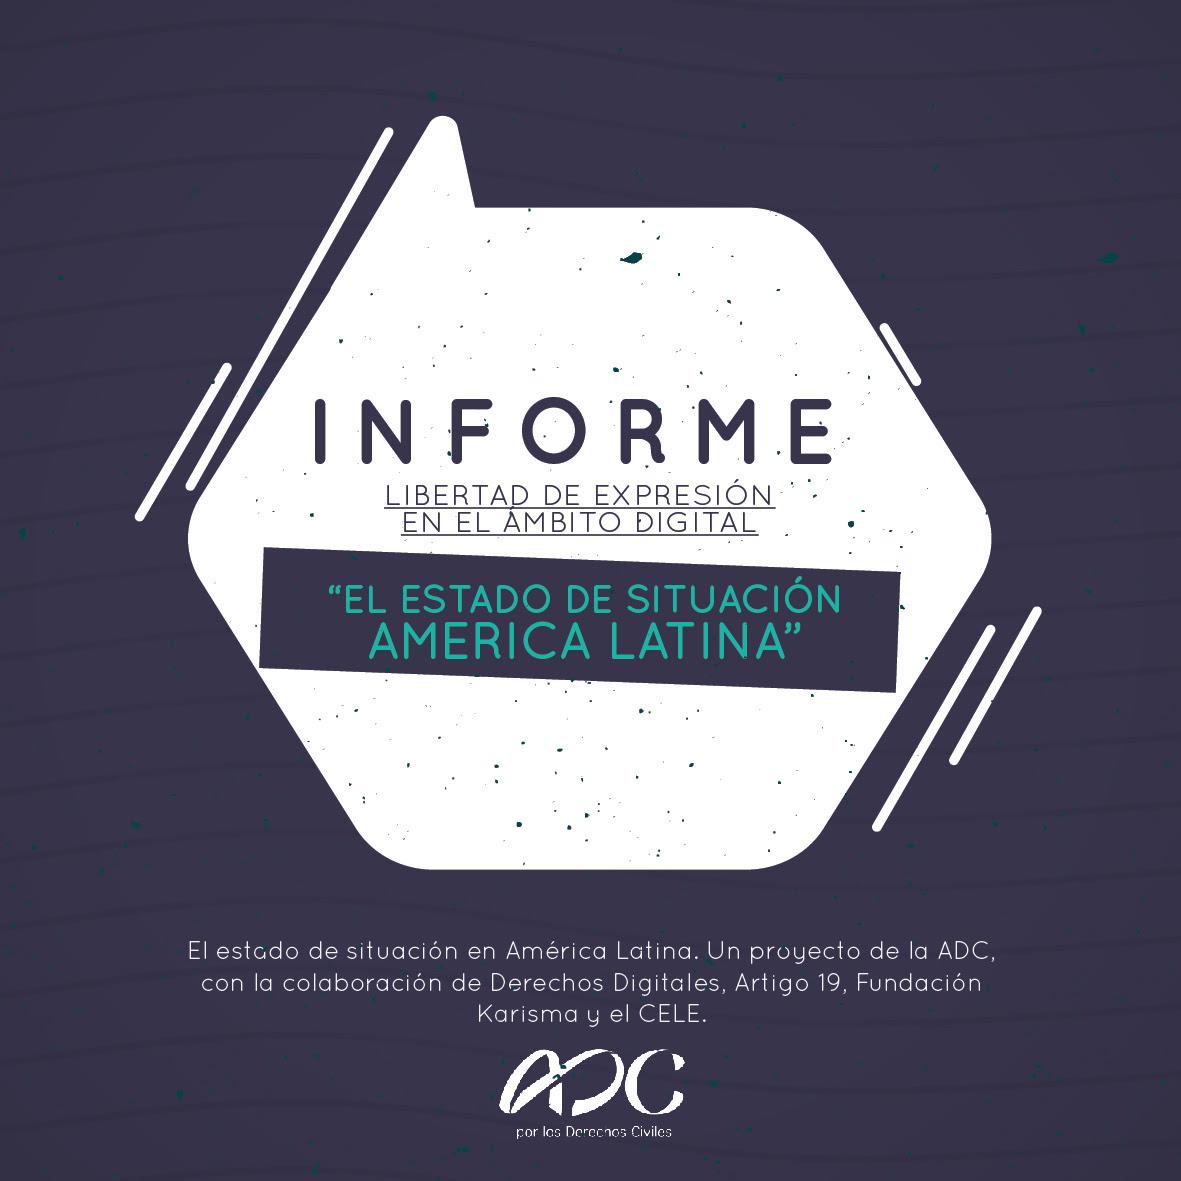 """Presentación de Informe regional """"Libertad de Expresión en el ámbito digital. El estado de situación en América Latina"""